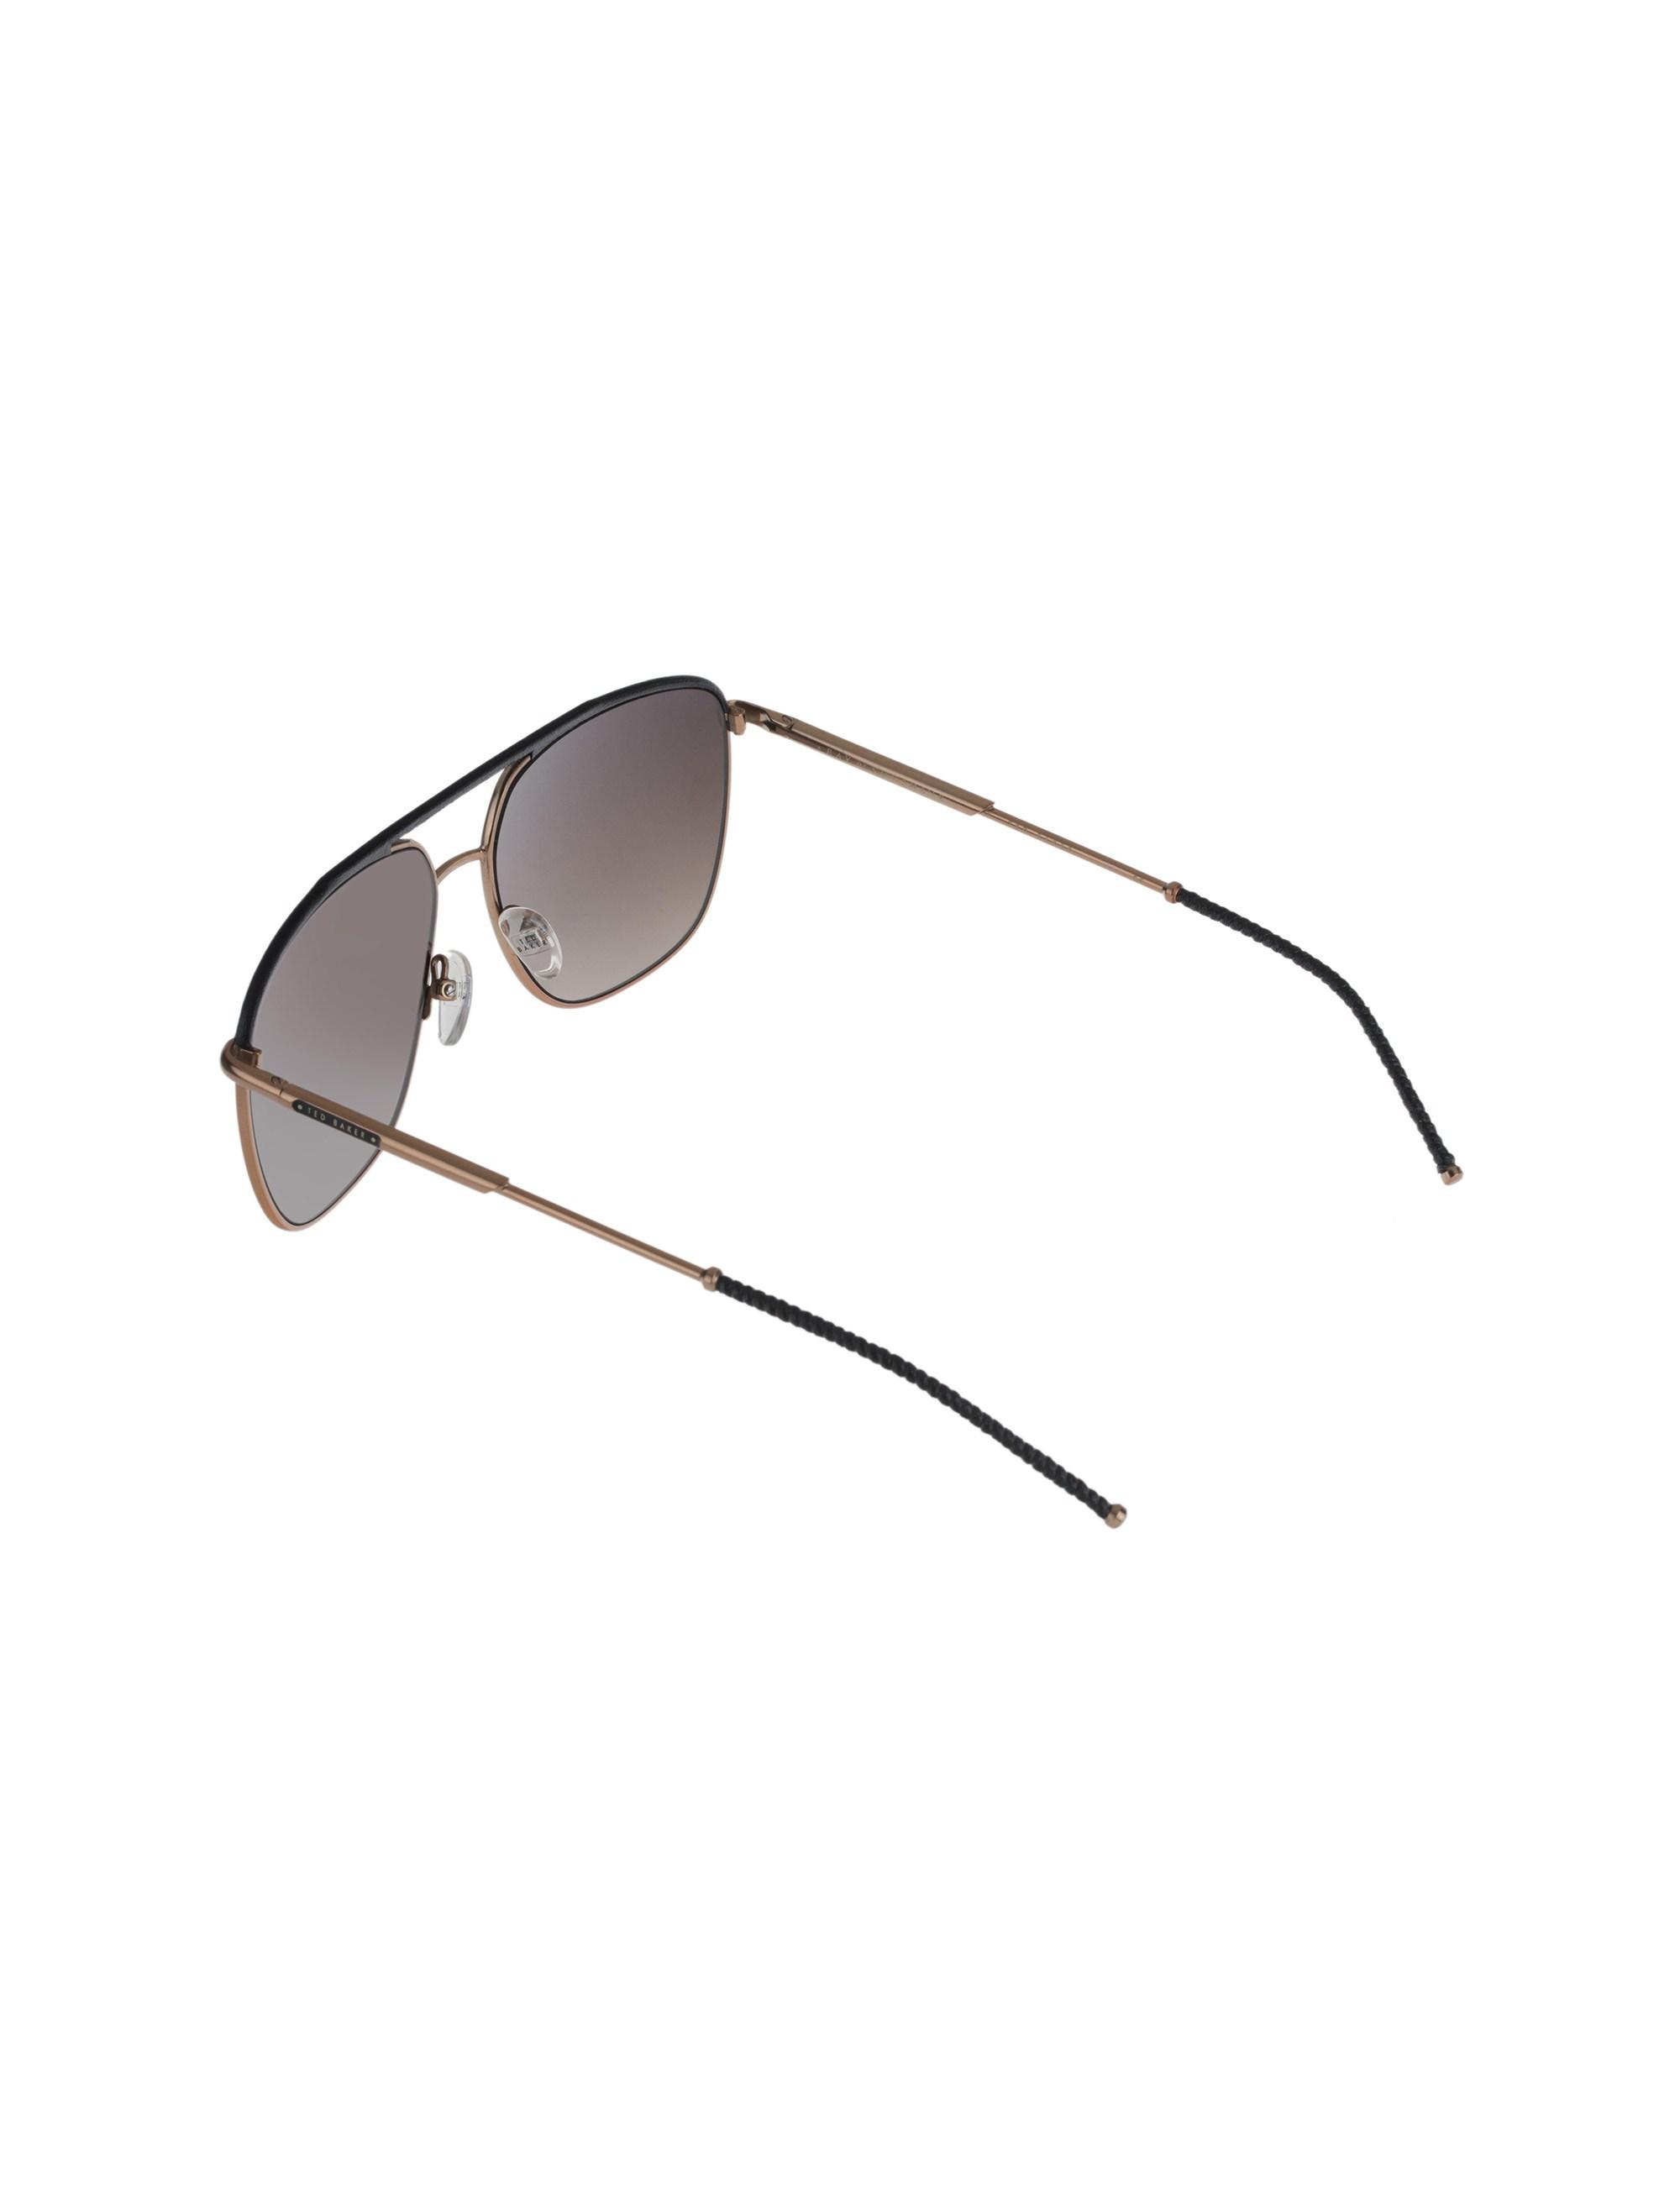 عینک آفتابی خلبانی زنانه - تد بیکر - مشکي و مسي - 4